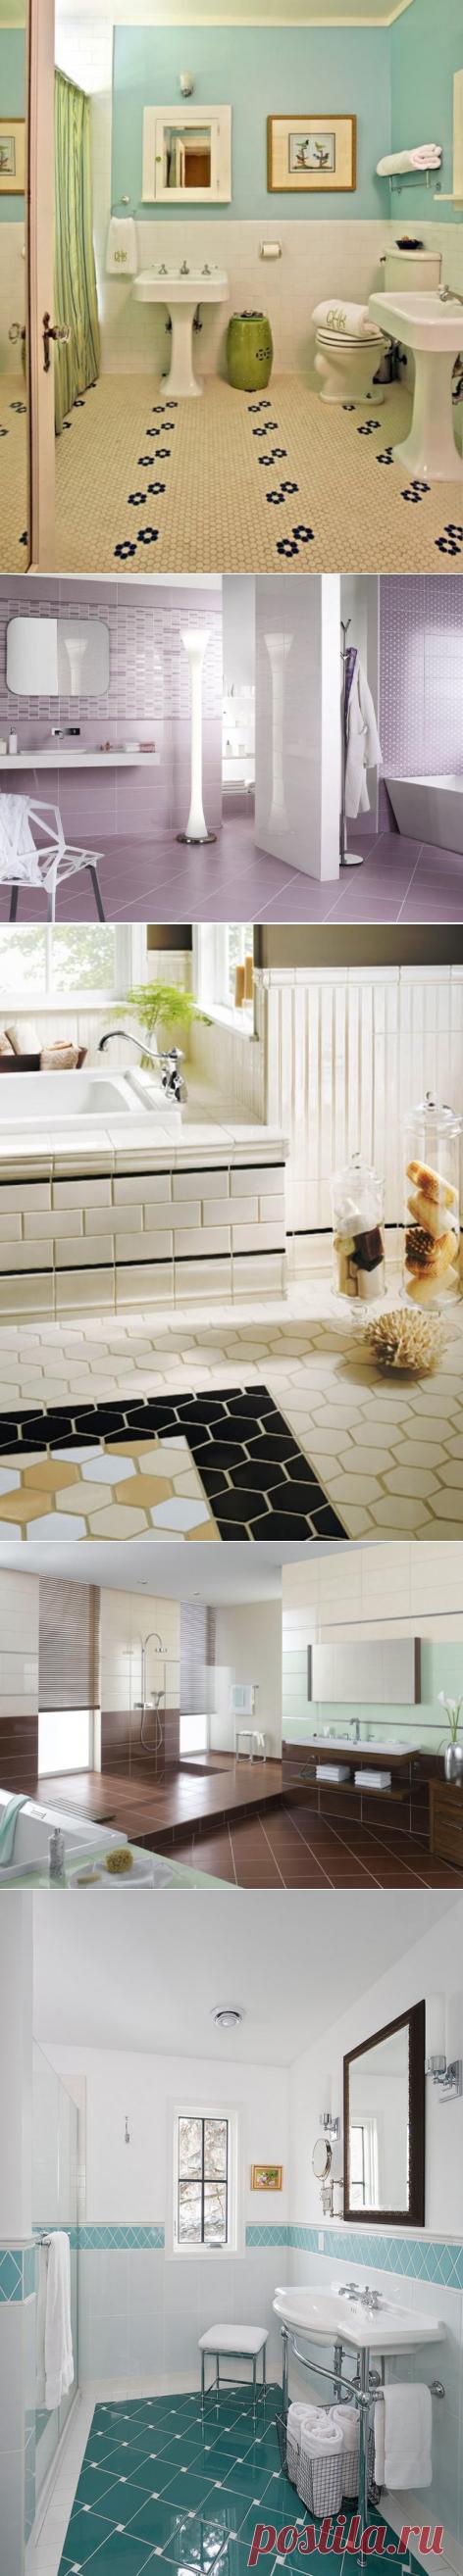 Оригинальные способы кладки плитки в ванной — Мой дом